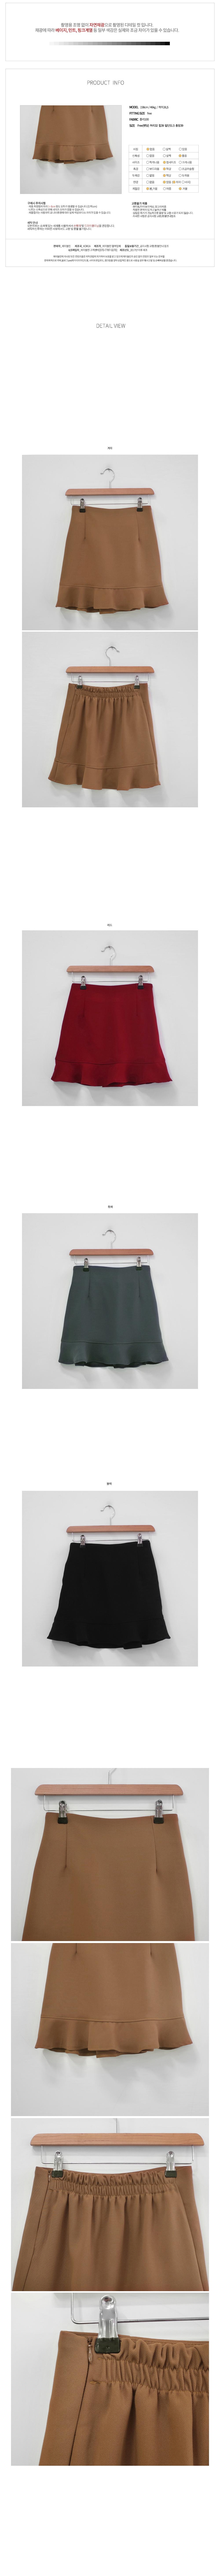 Rudy frill line high waist skirt